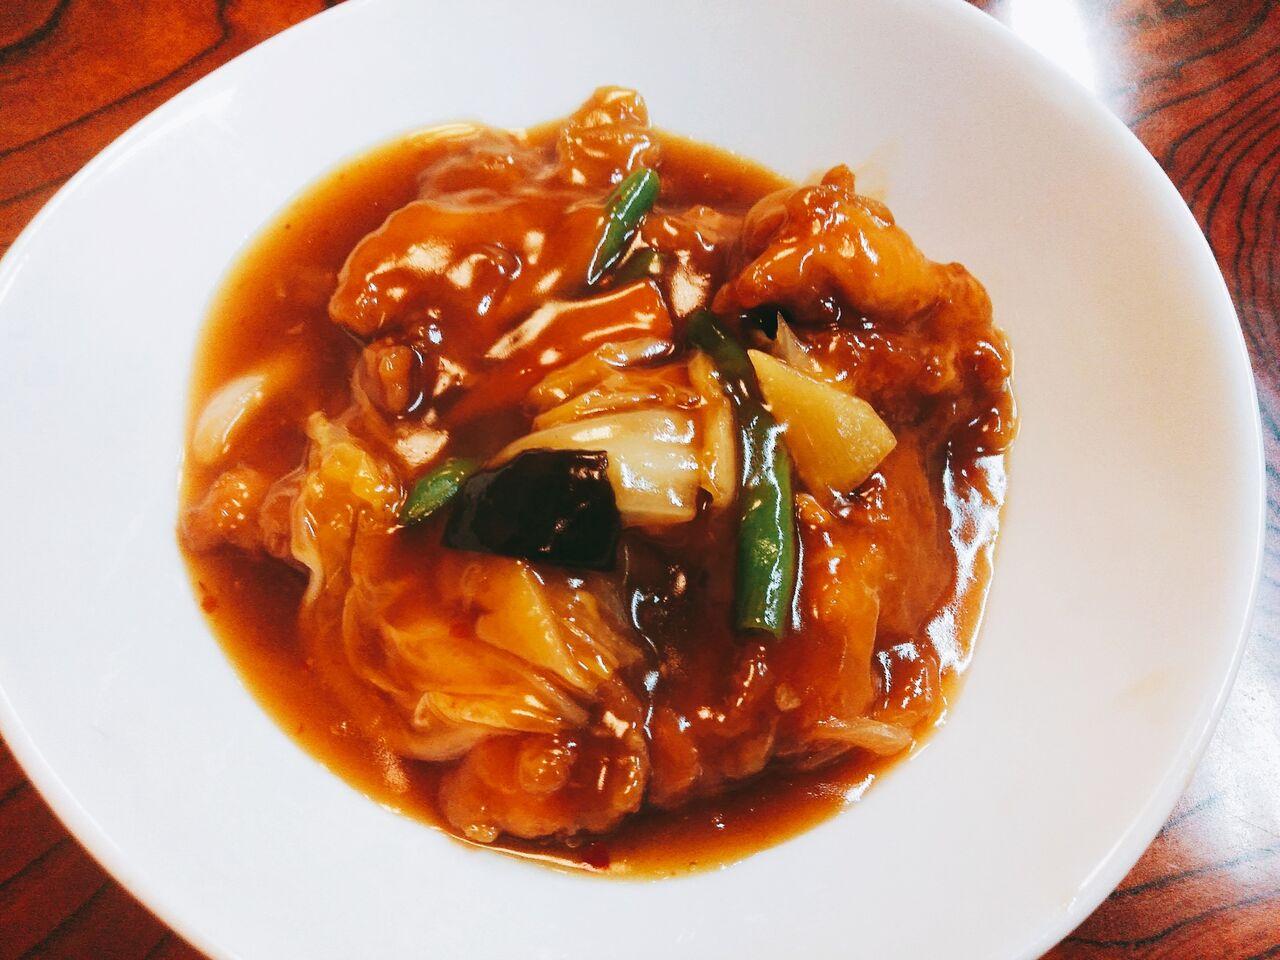 鶏肉野菜のうま煮、トンコツラーメン